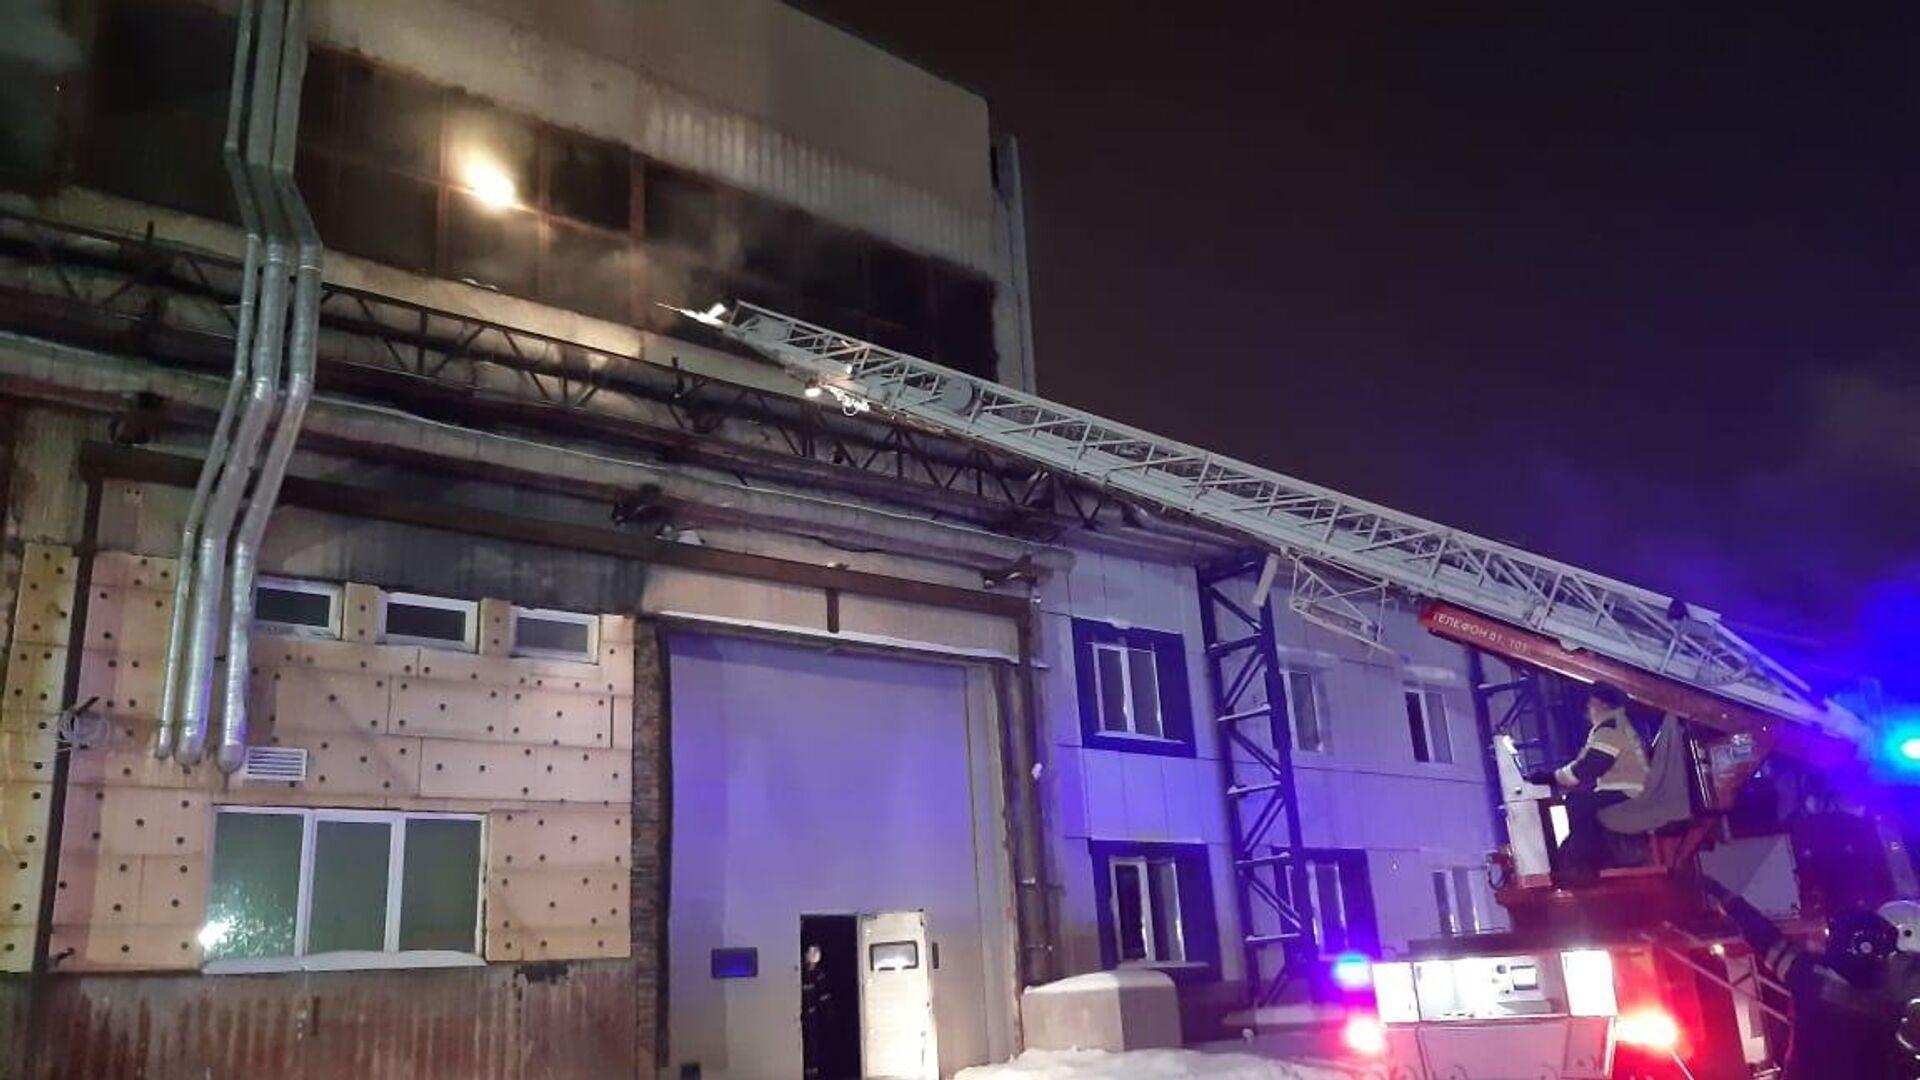 Пожар в производственном здании в Екатеринбурге - РИА Новости, 1920, 24.01.2021